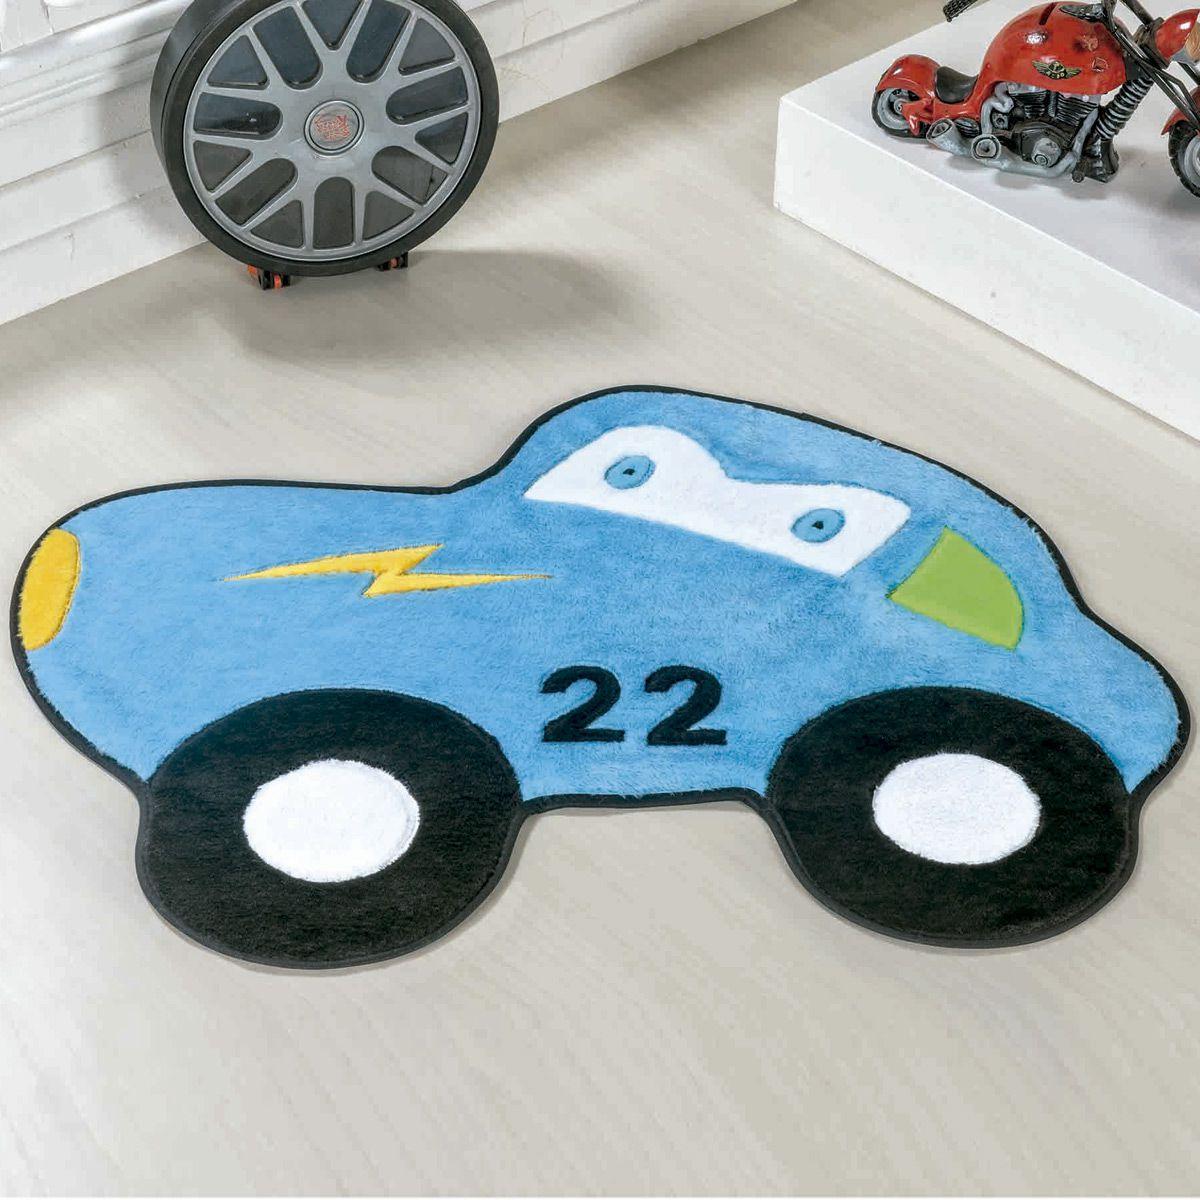 Tapete Infantil Premium Formato Carrinho 22 Azul Turquesa 74cm x 56cm